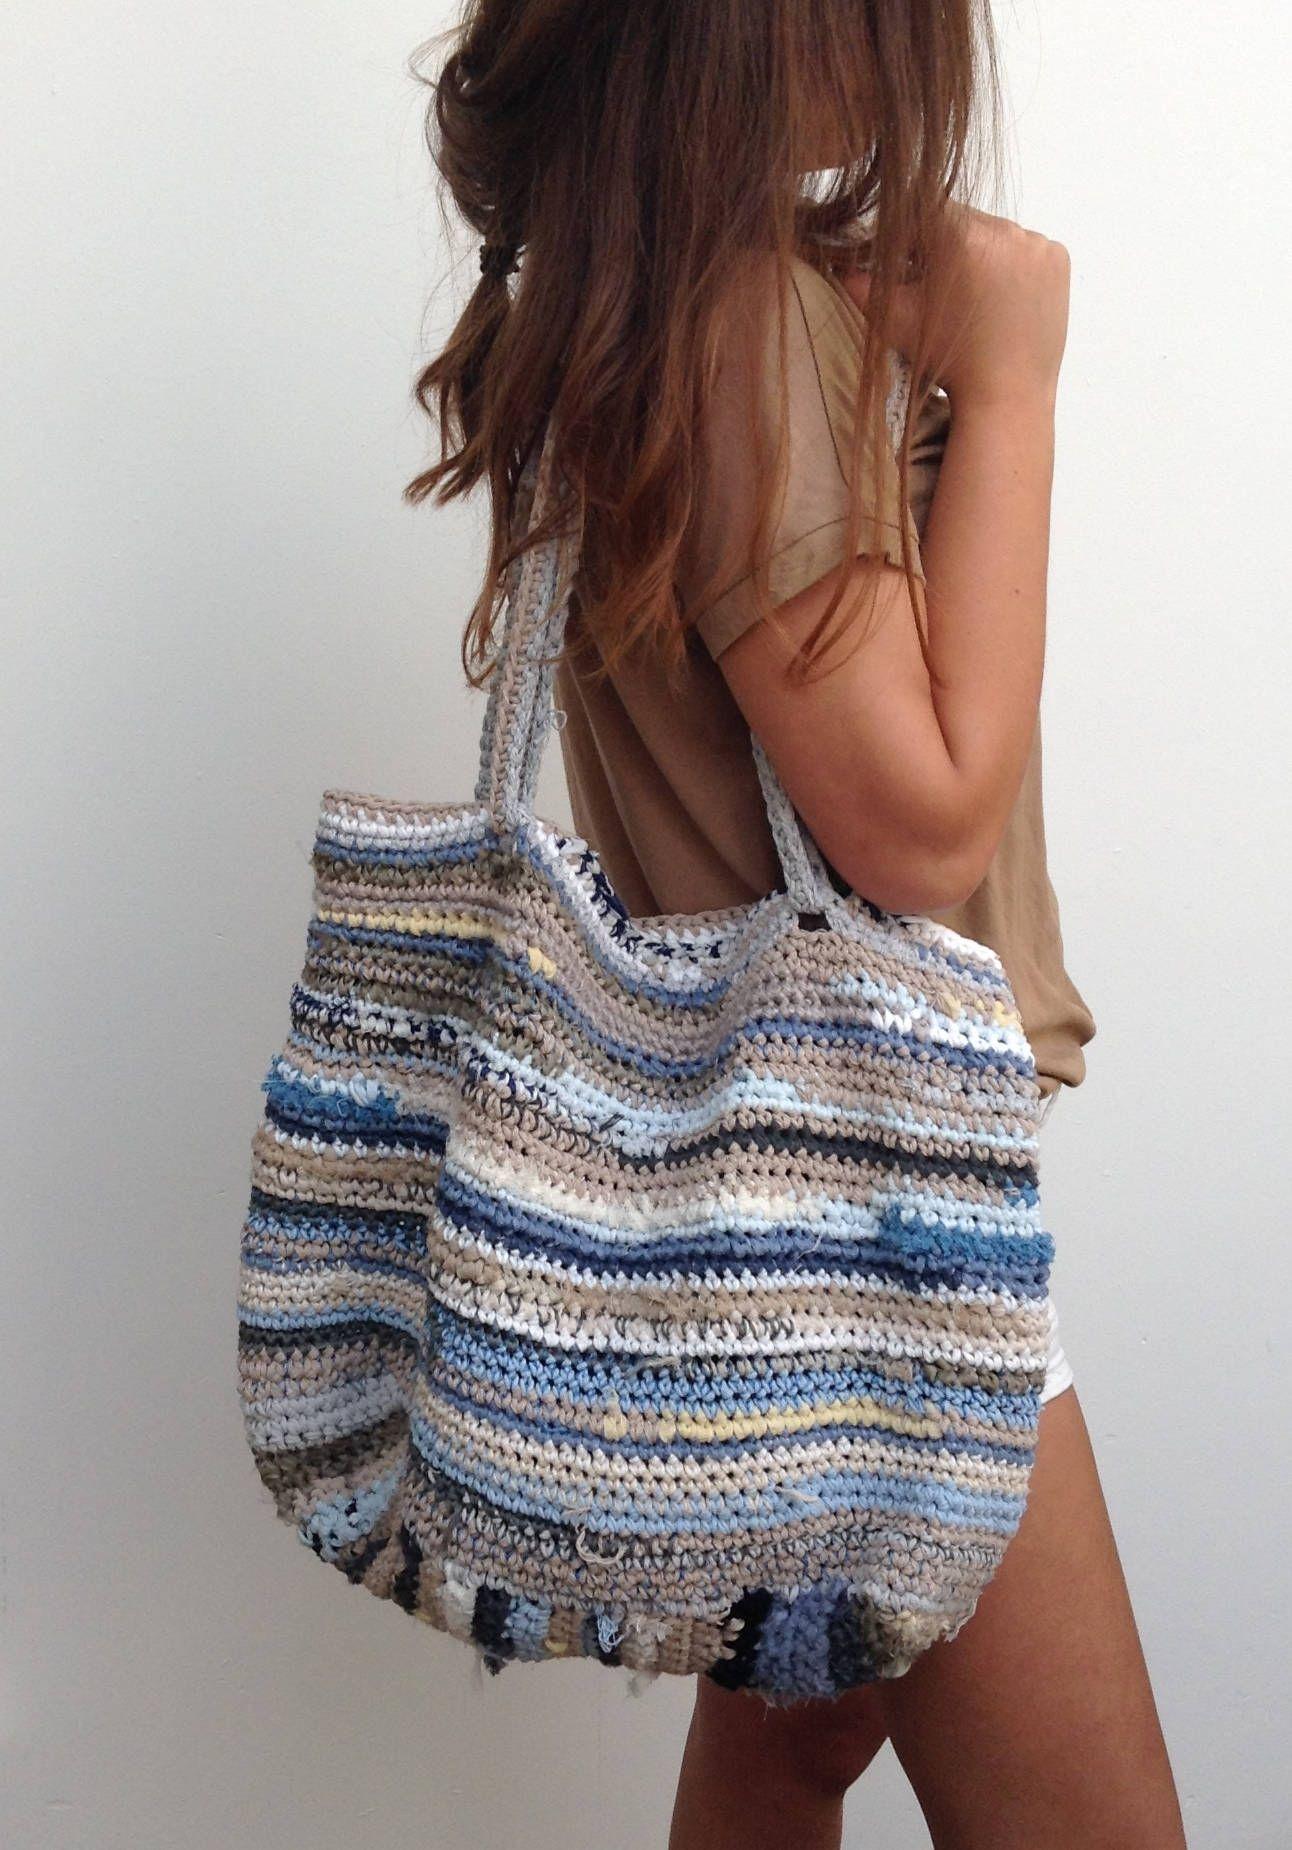 Een persoonlijke favoriet uit mijn Etsy shop https://www.etsy.com/nl/listing/541706607/boho-ibiza-shoppingbag-handmade